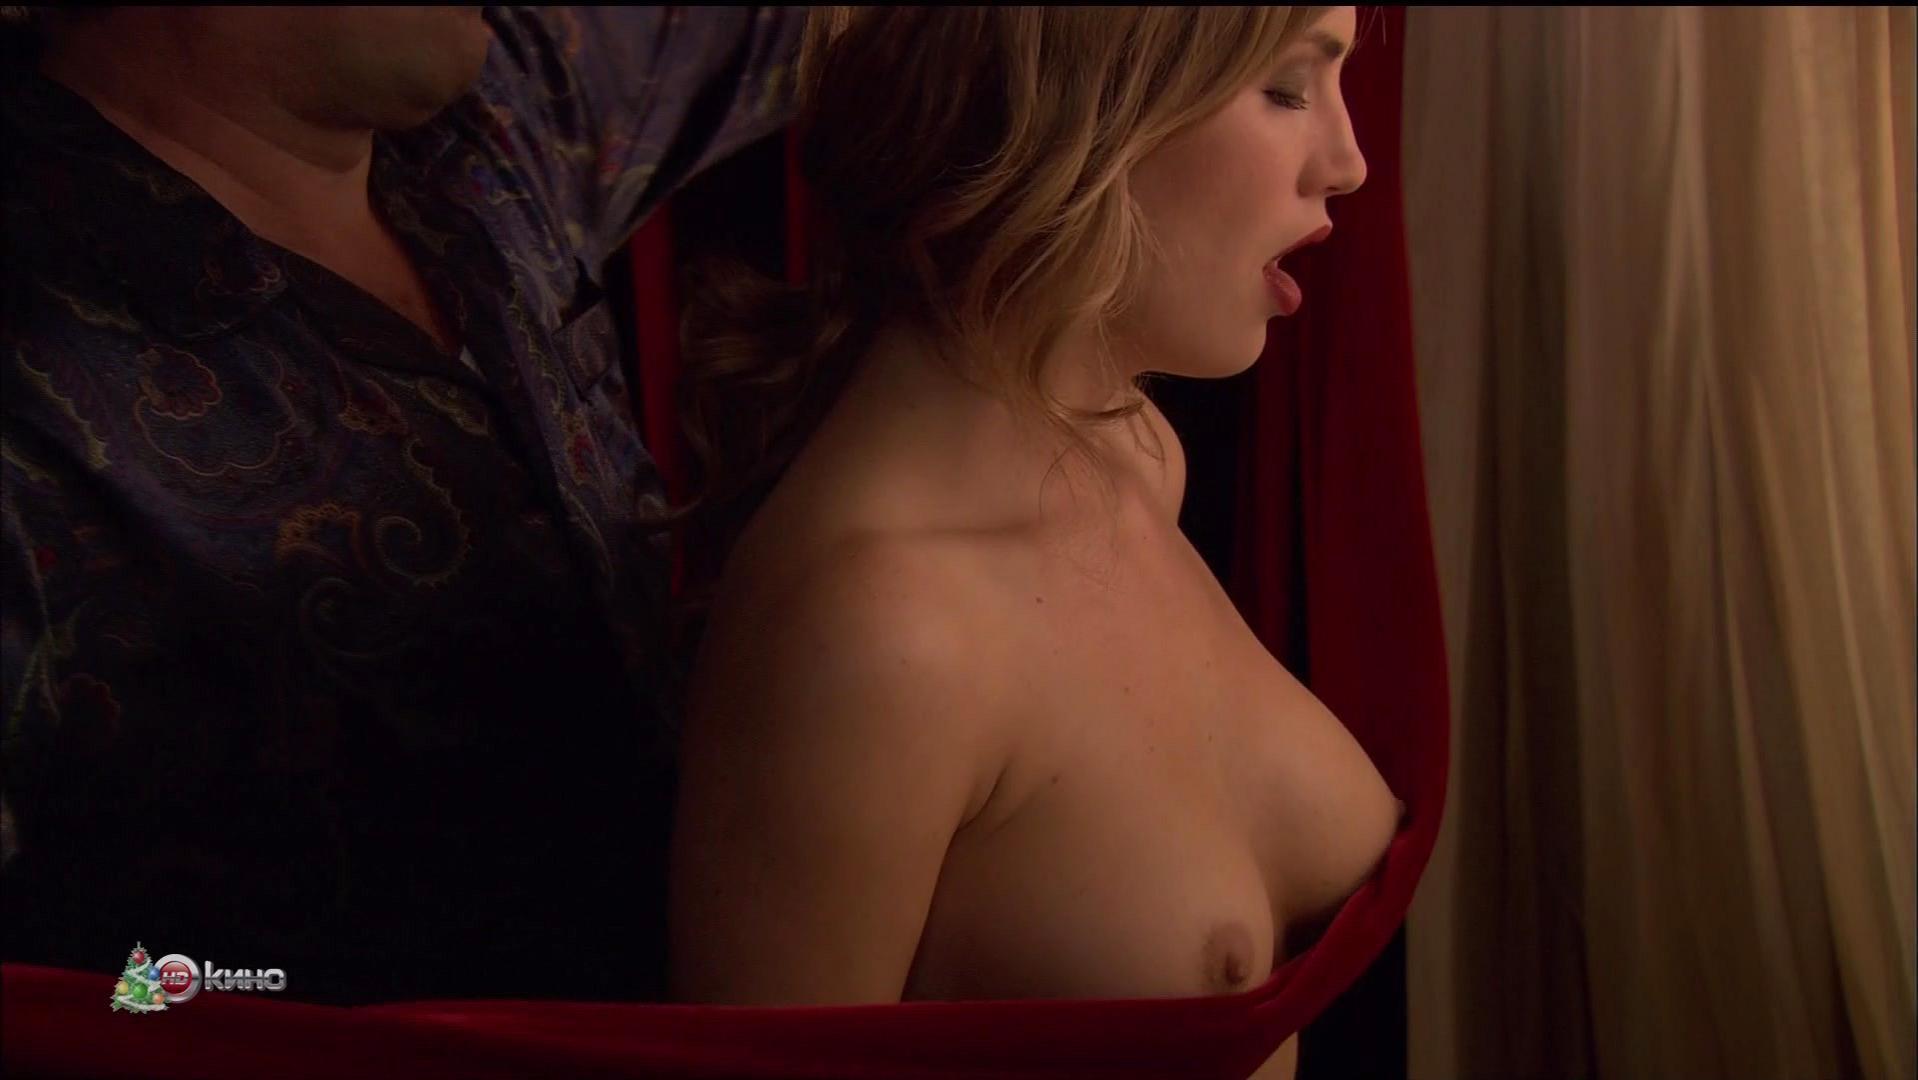 Willa ford sex pics